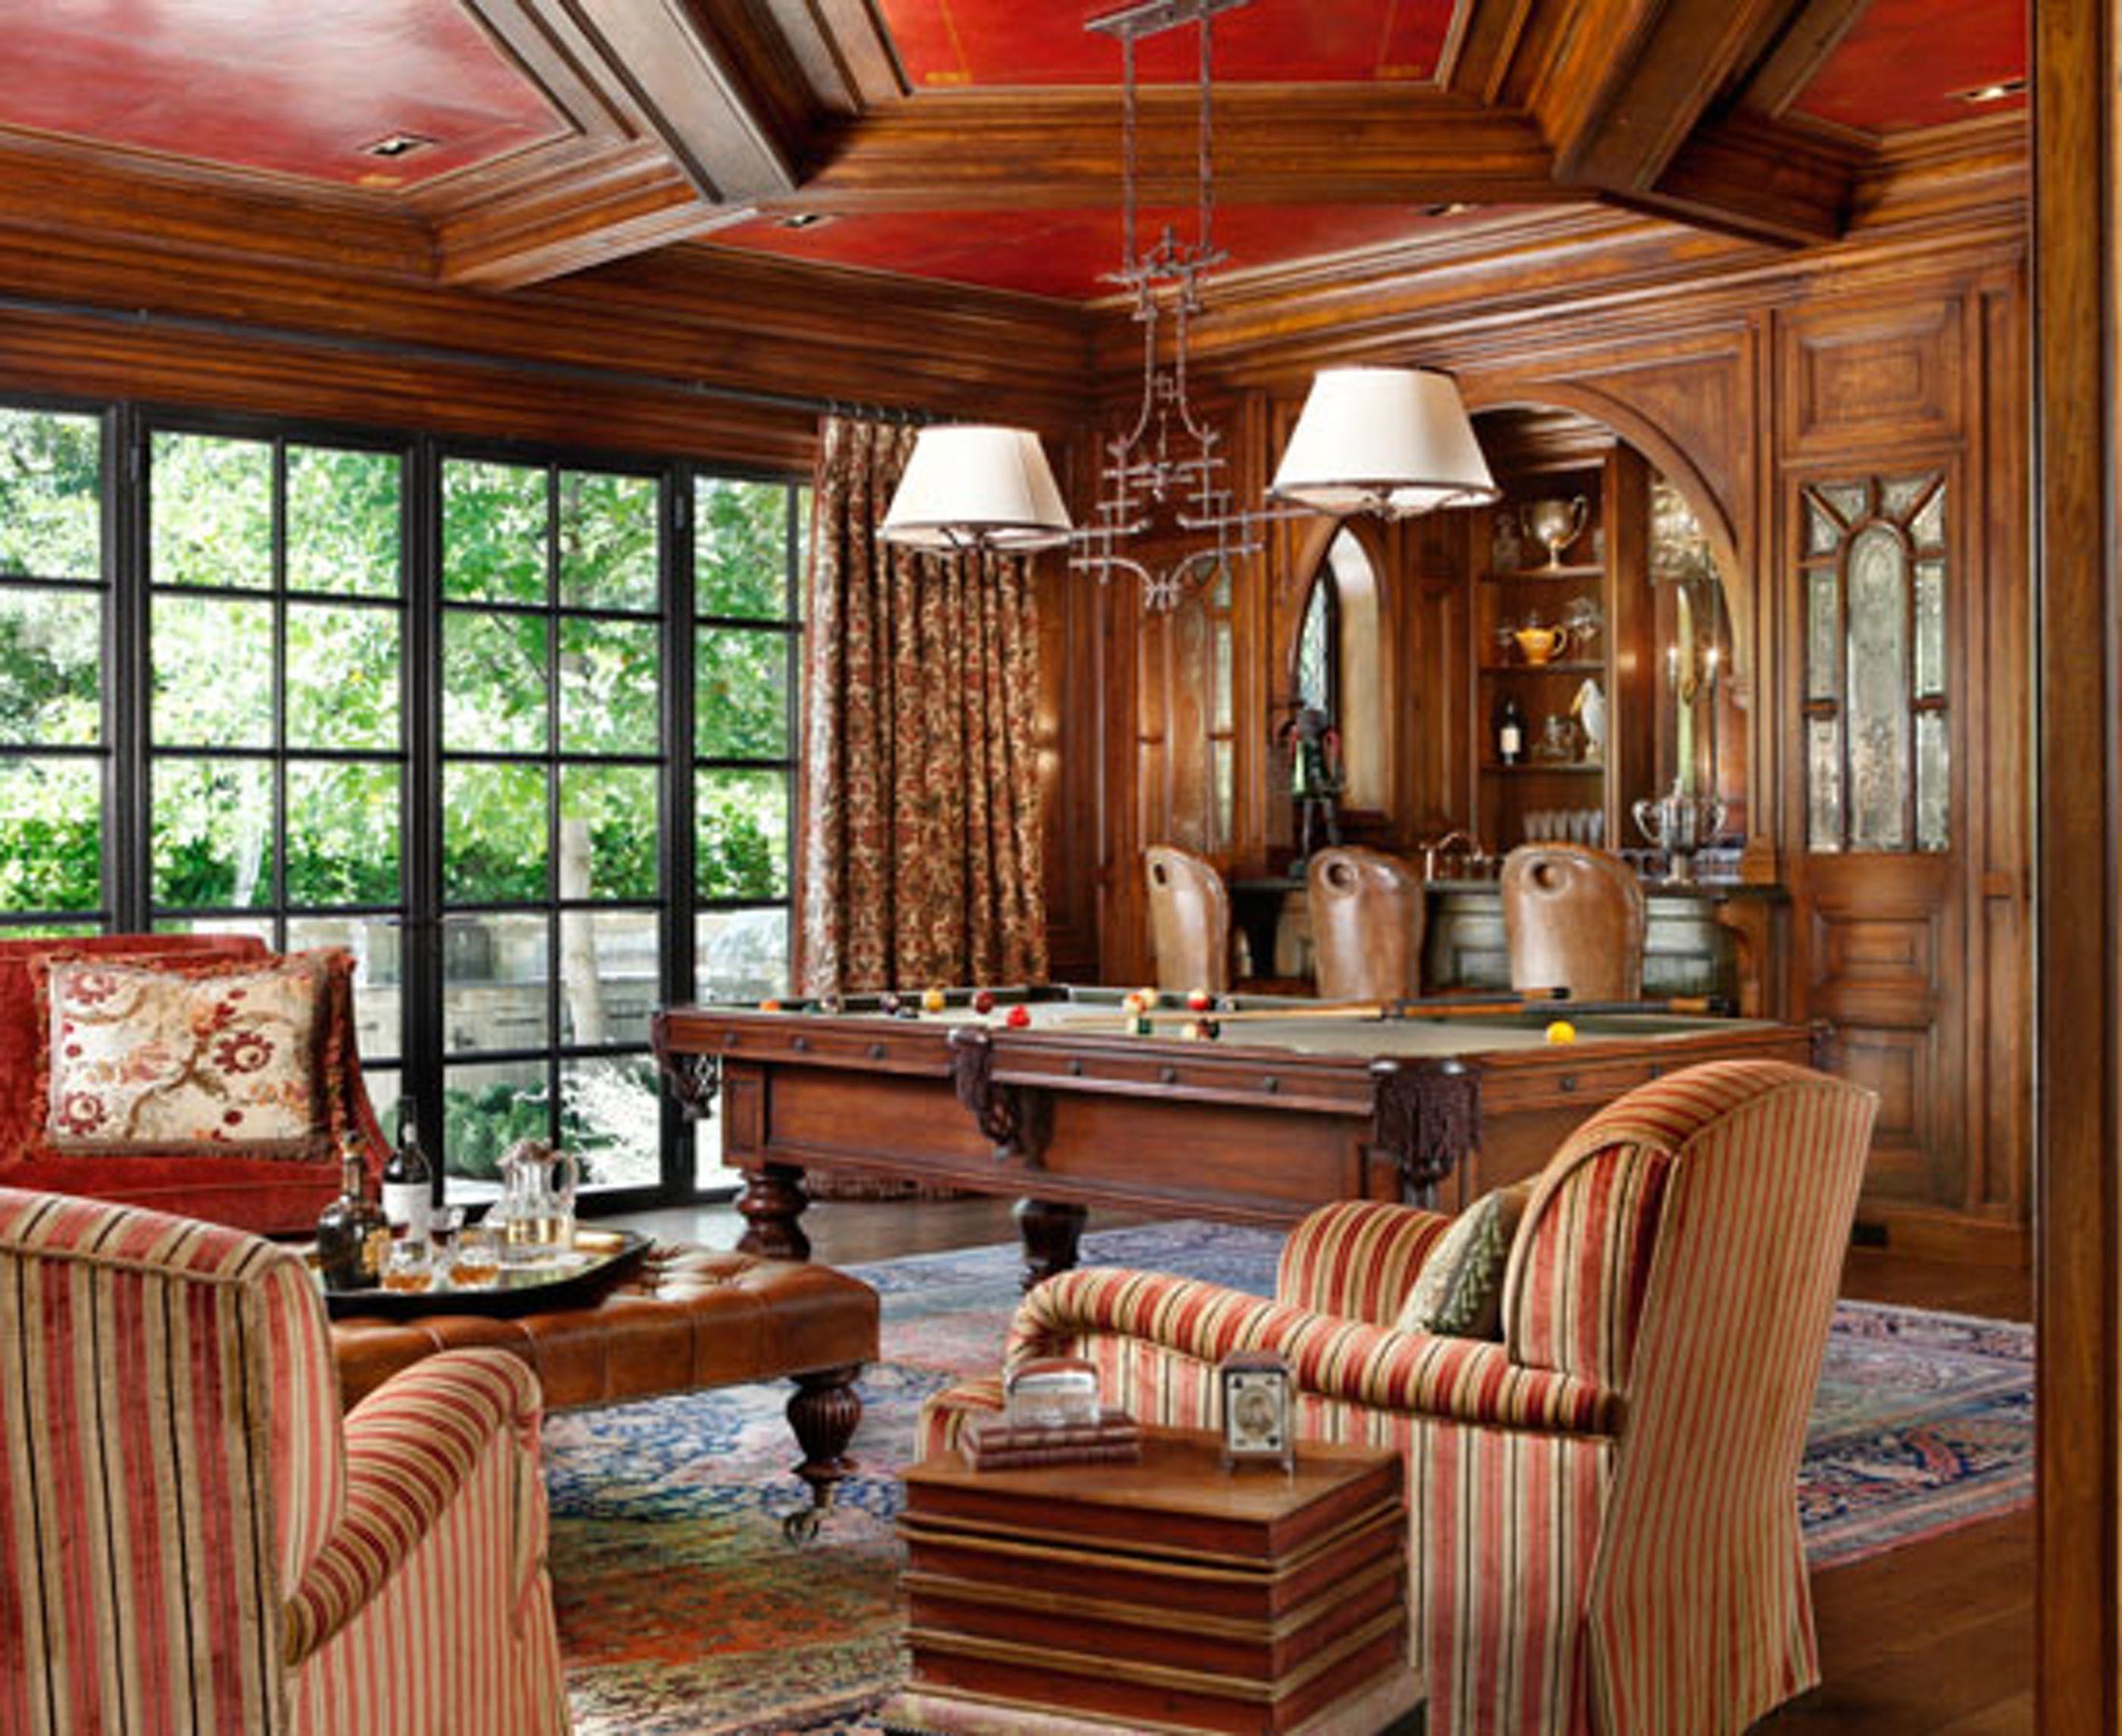 Linda l floyd inc interior design portfolio interiors traditional